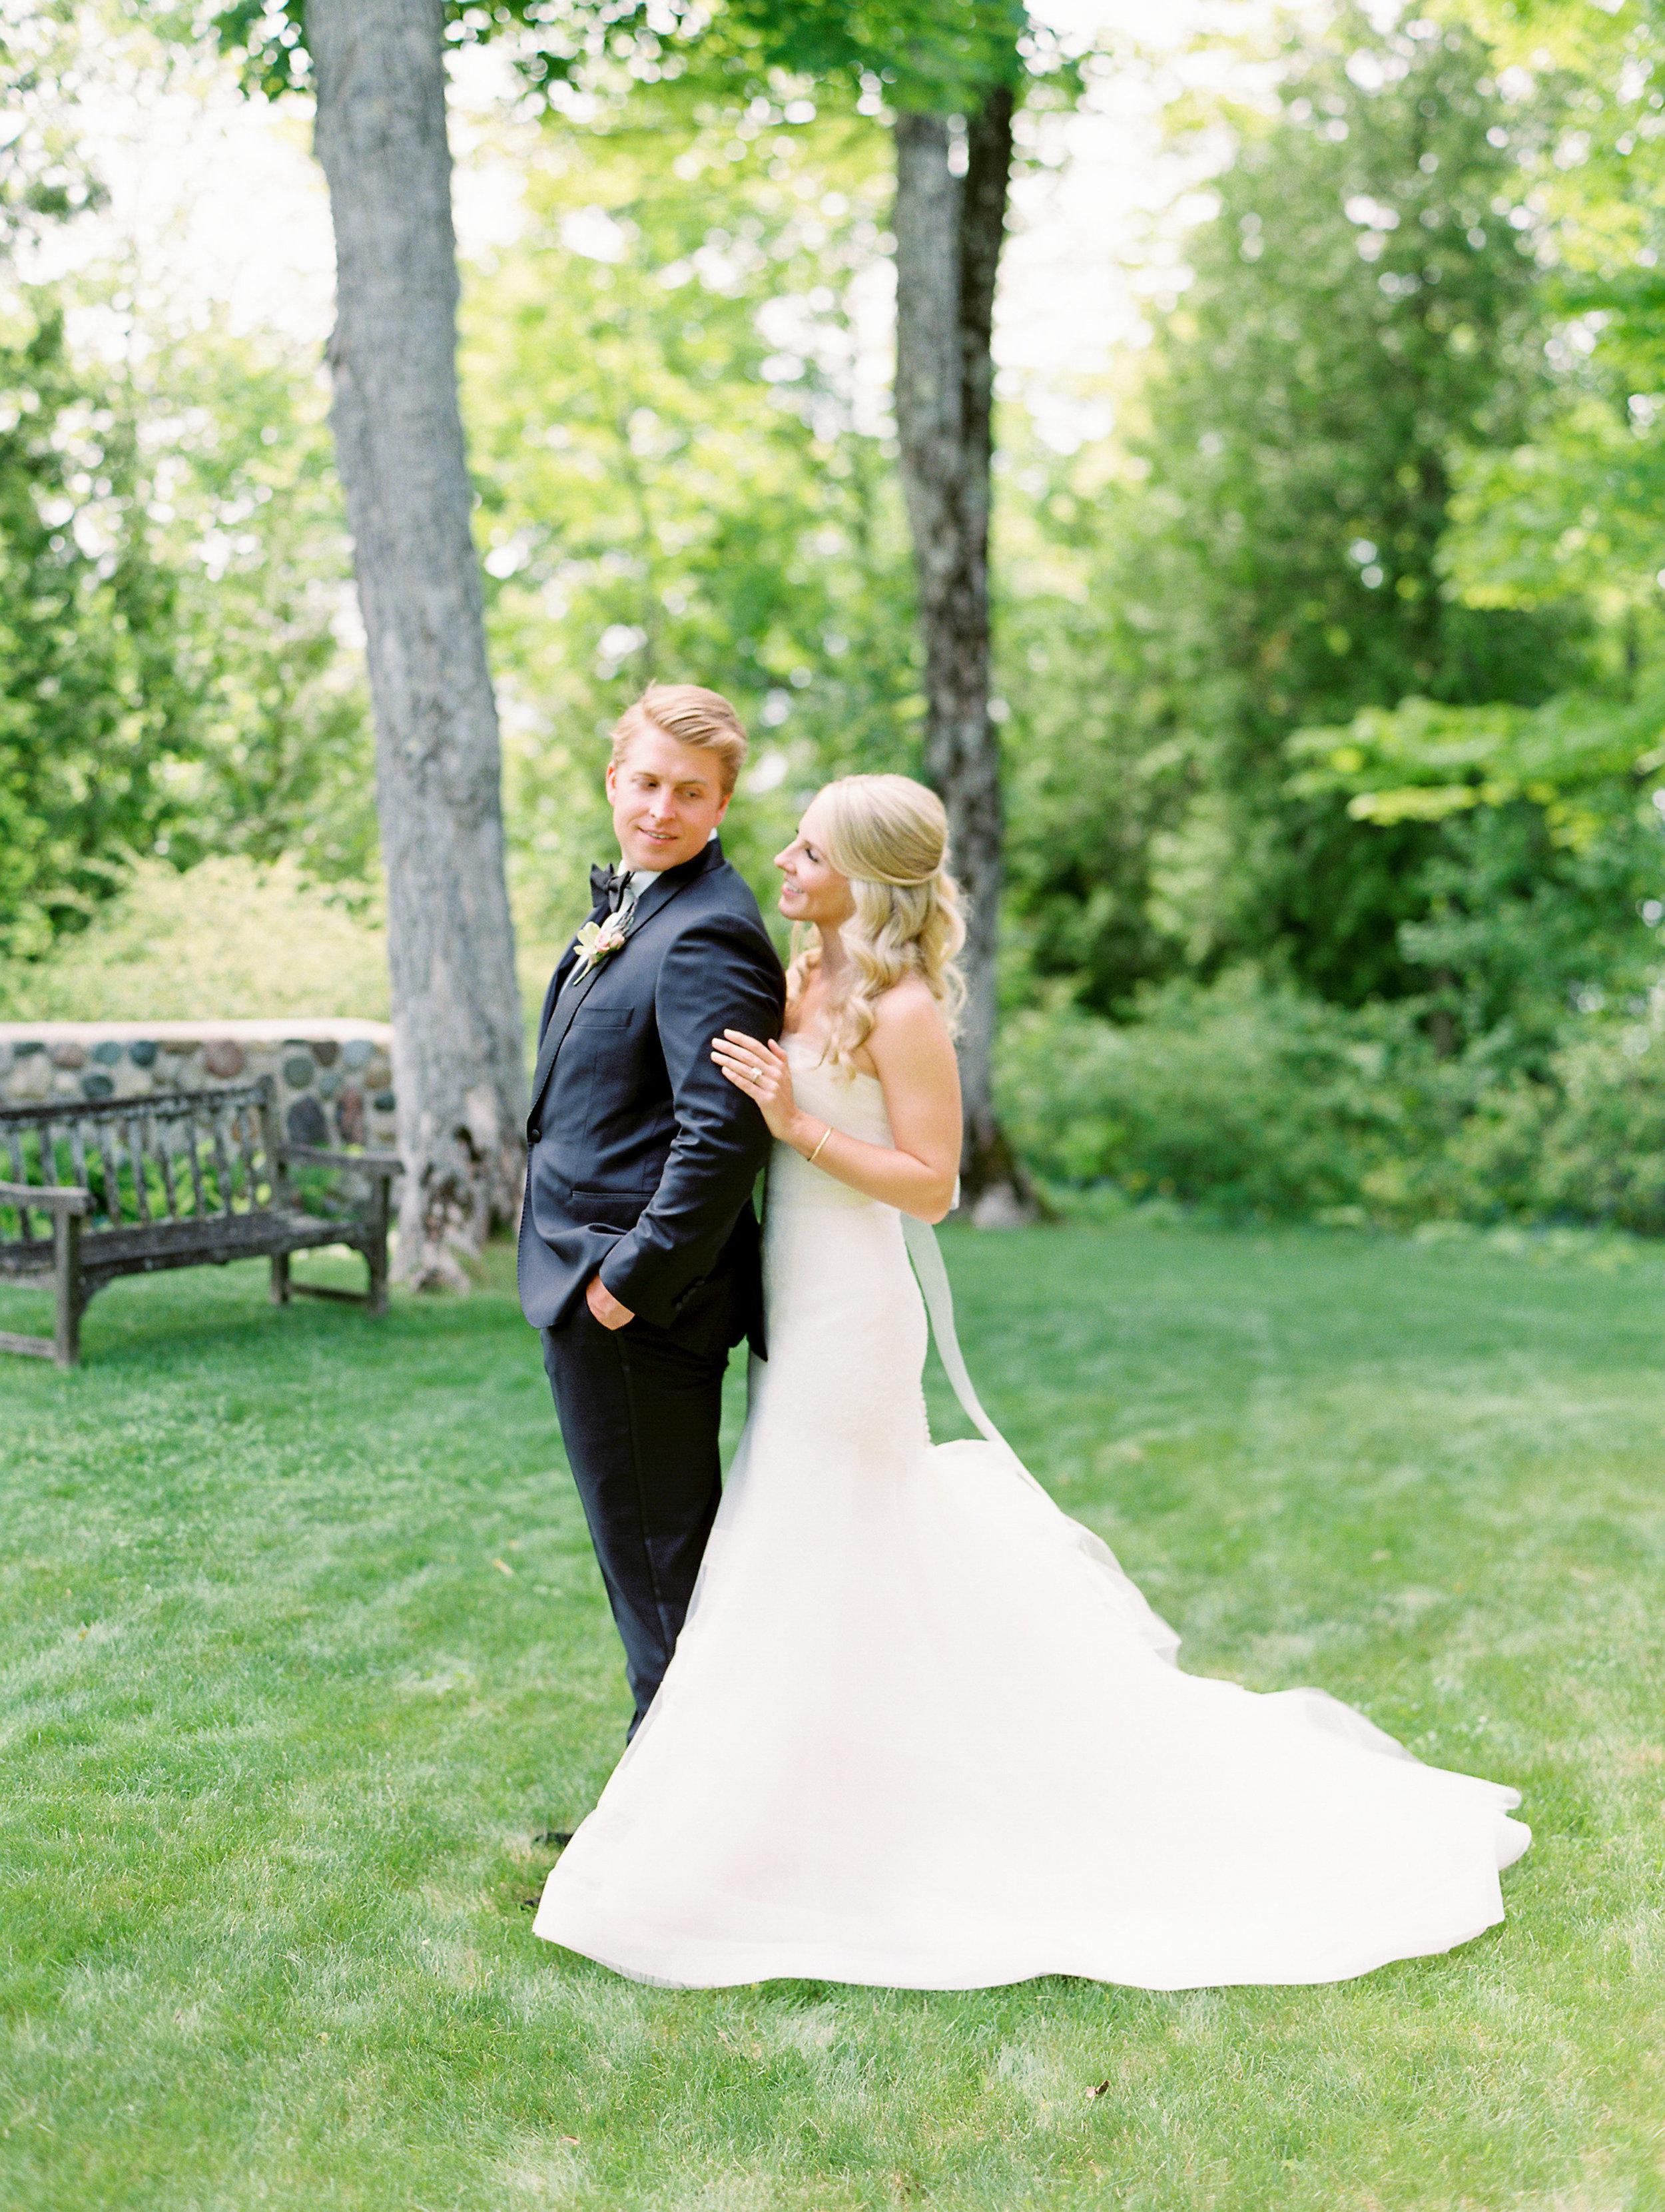 Coffman+Wedding+BrideGrooma-10.jpg